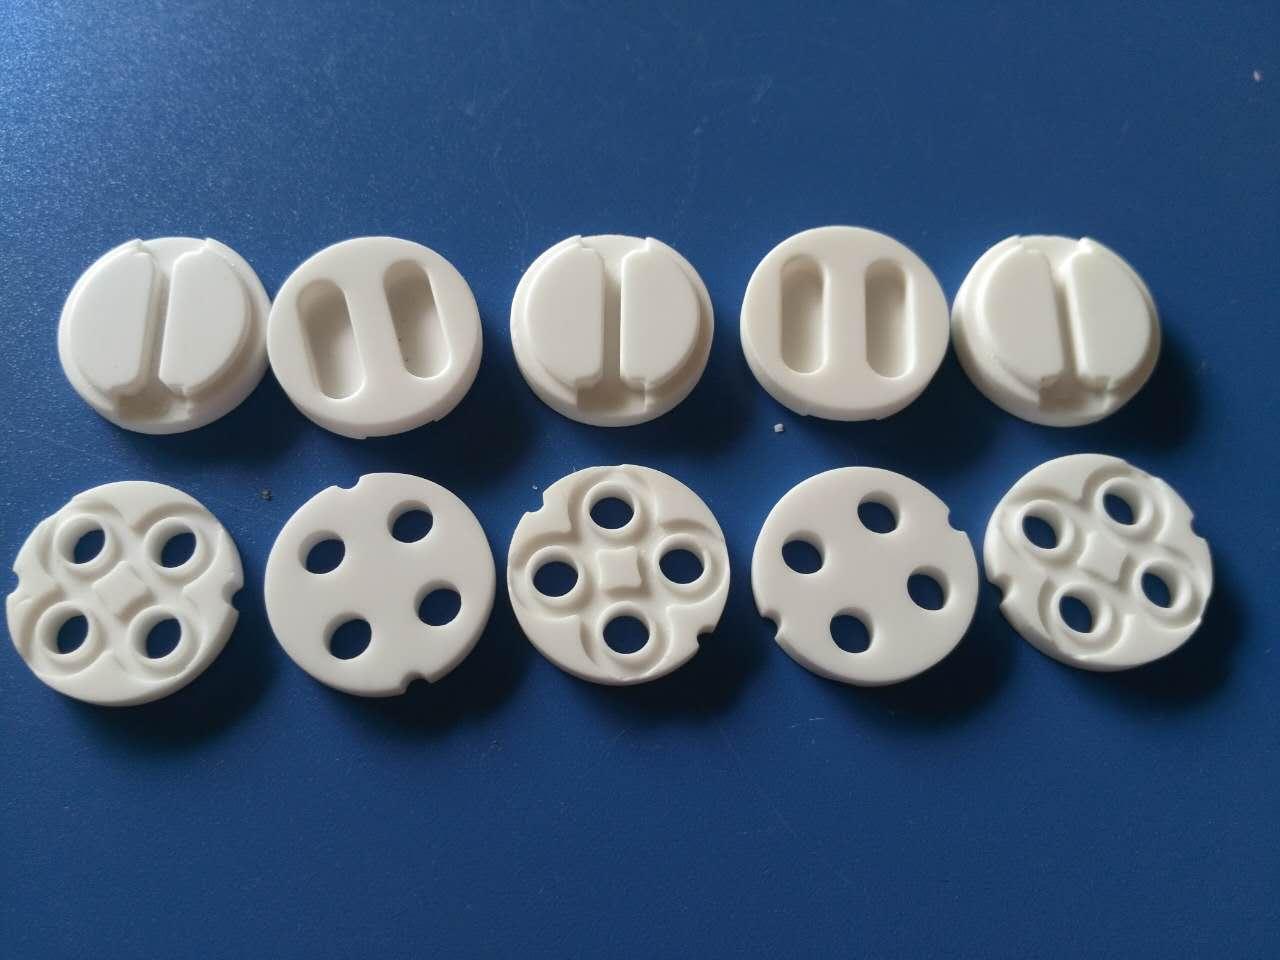 温控瓷件|娄底好的水暖陶瓷厂家推荐